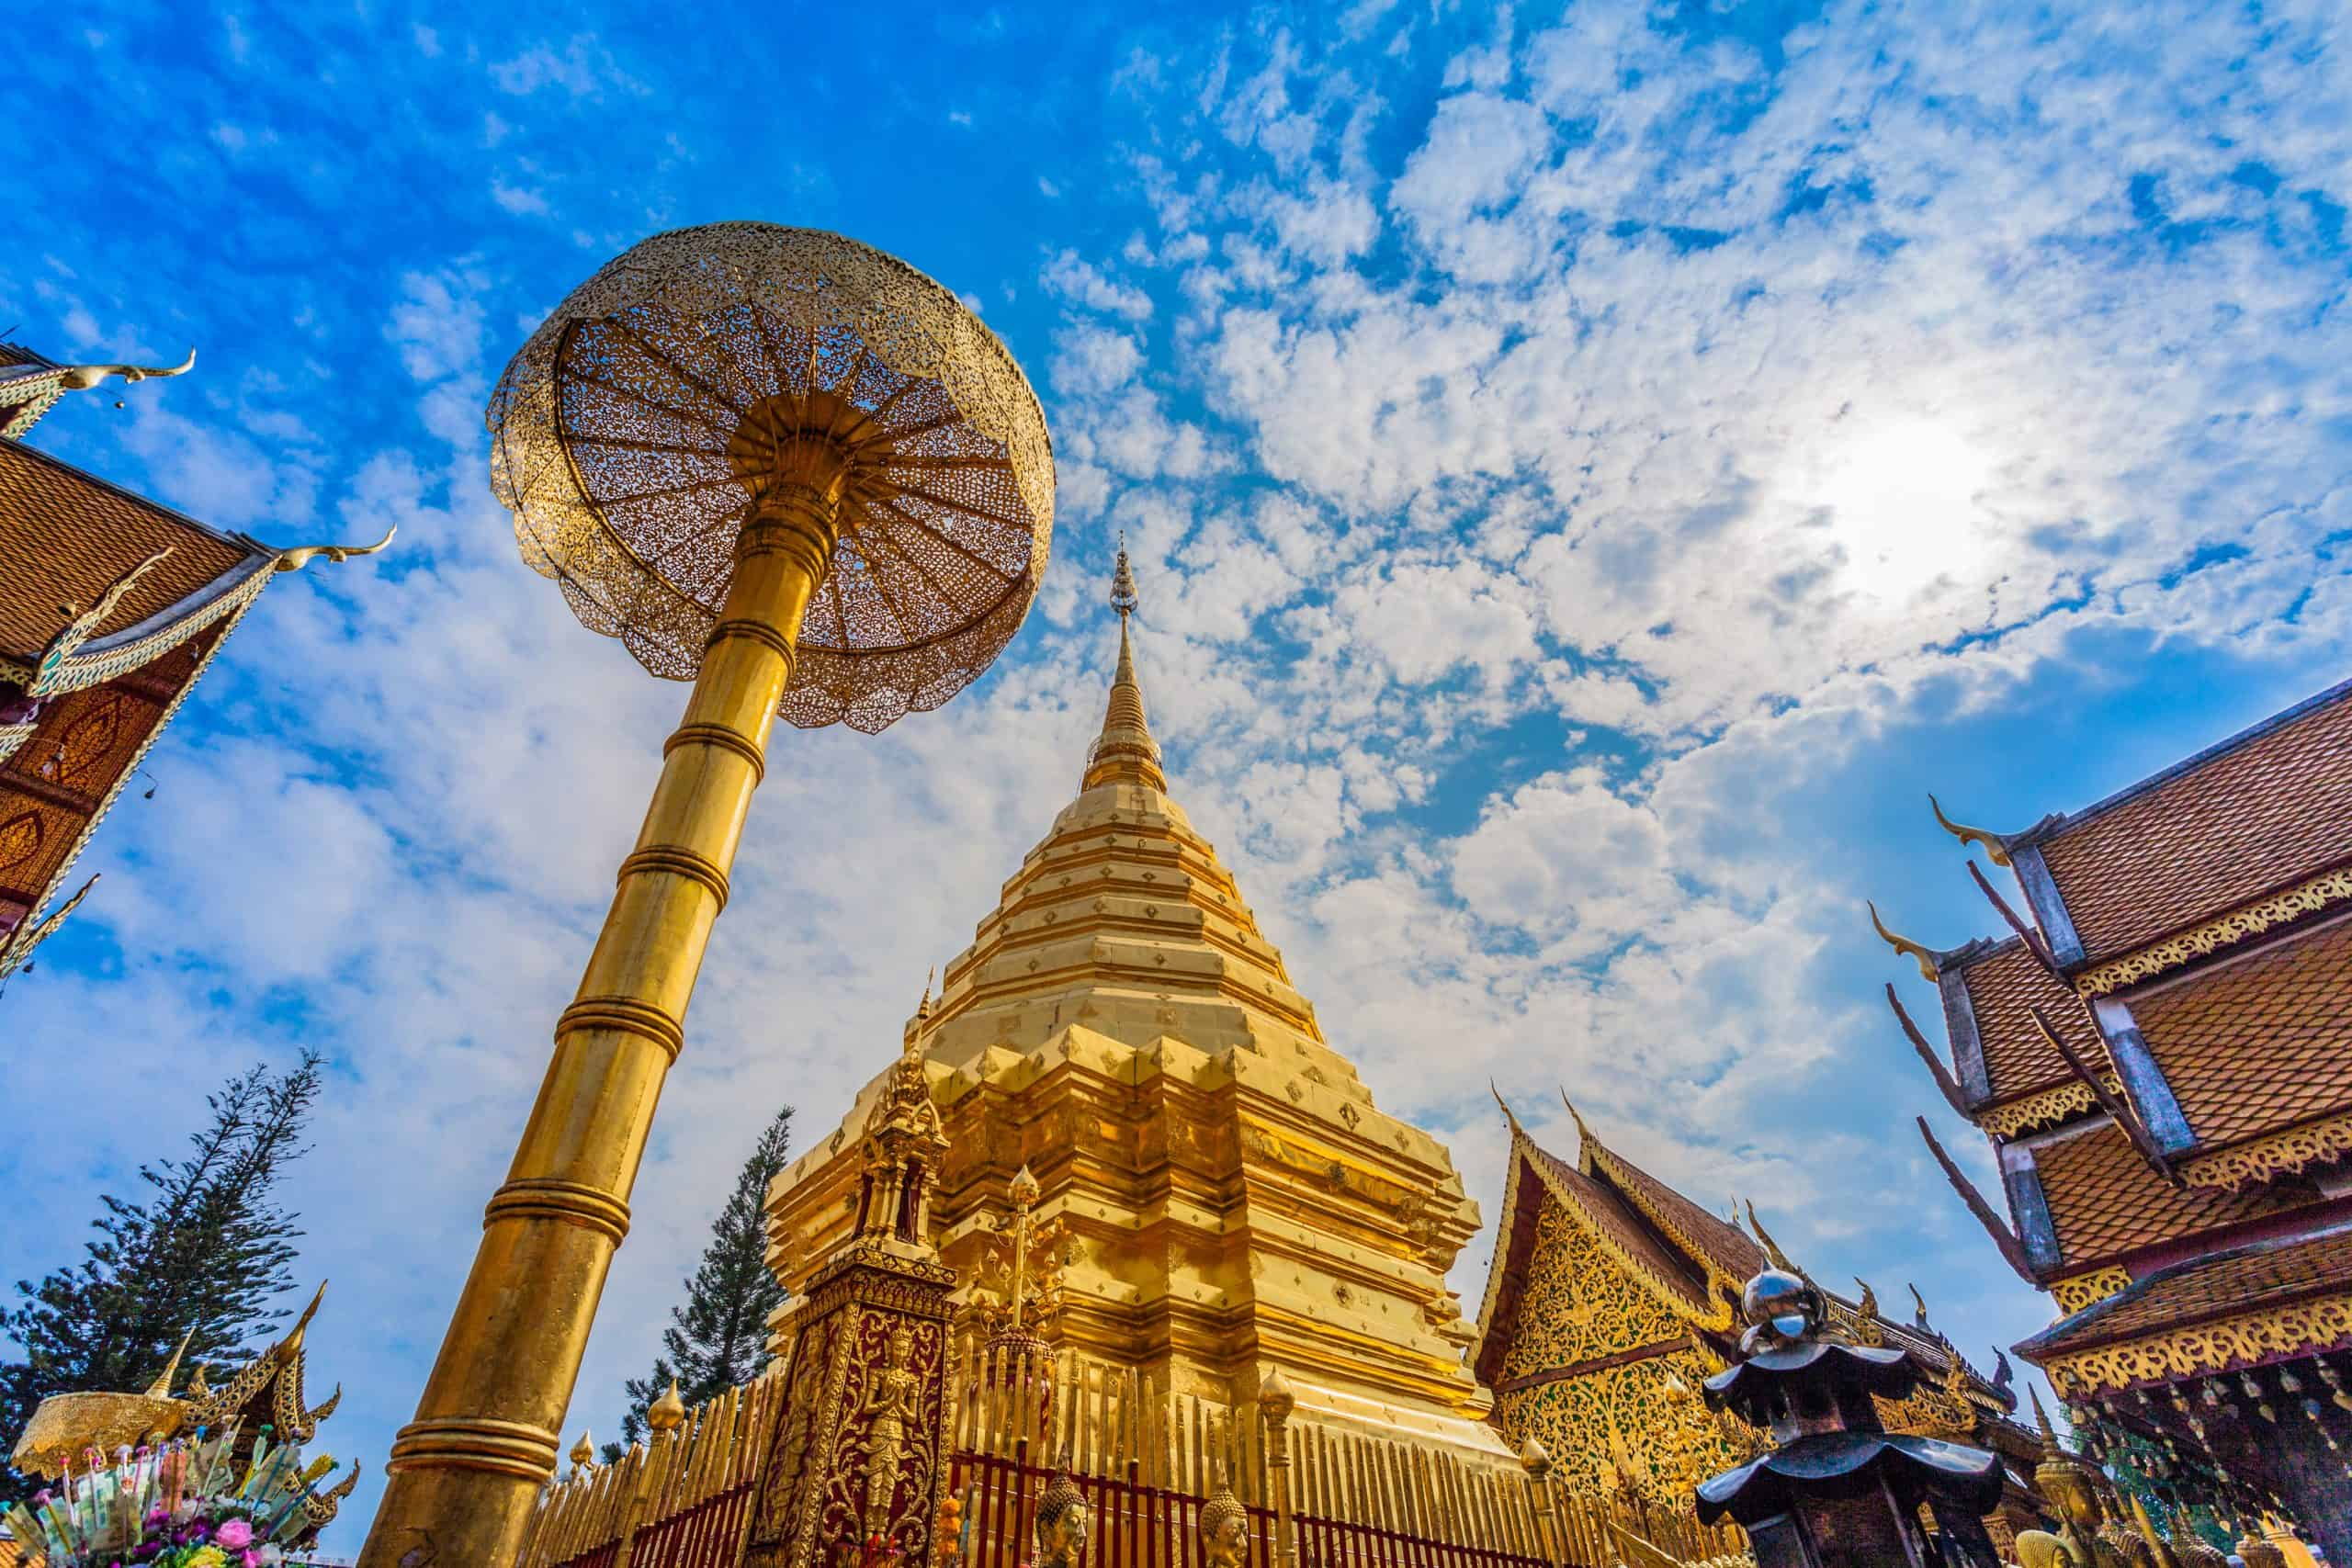 Den gyldne pagode Doi Suthep